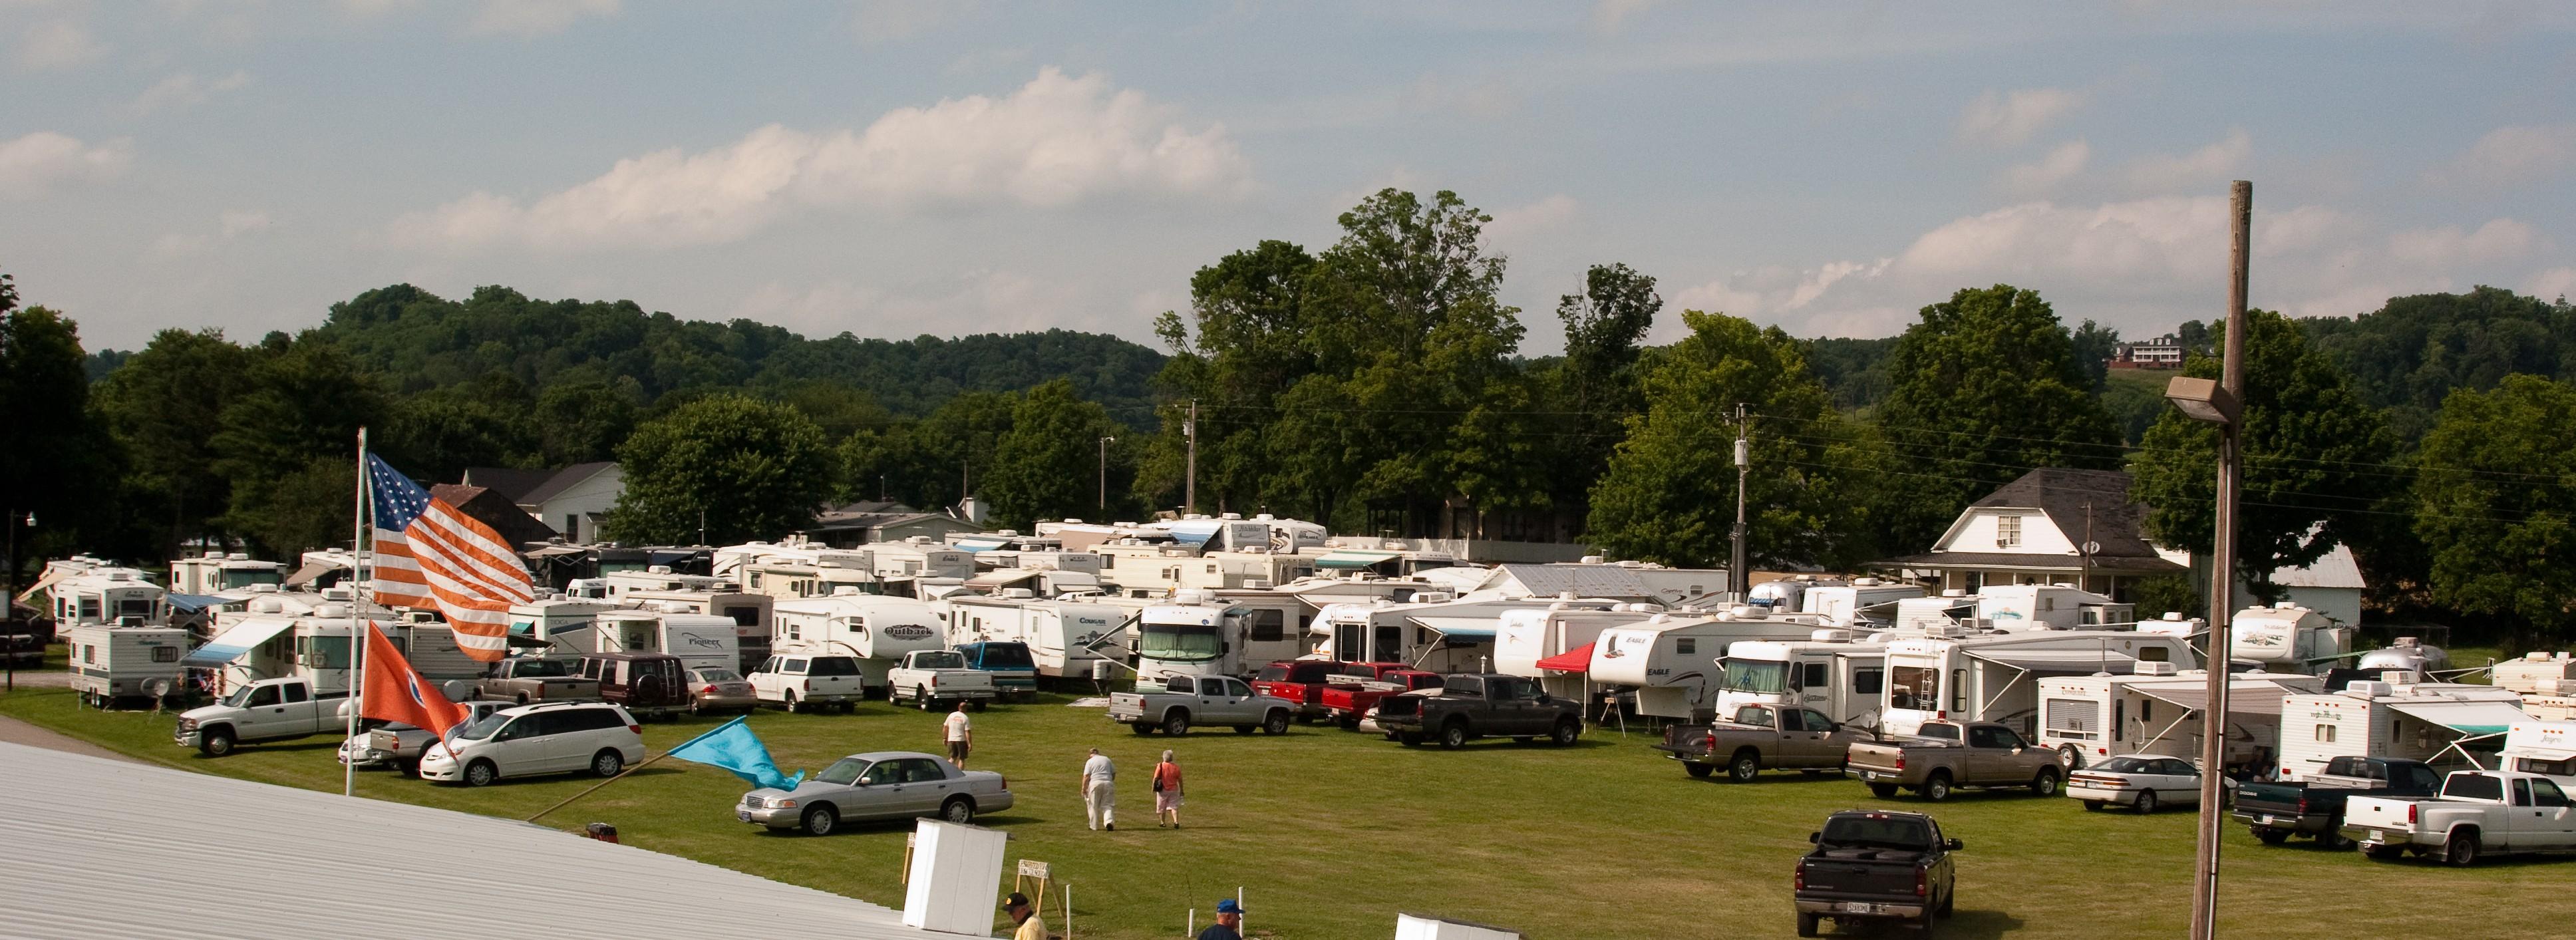 Camping Lot